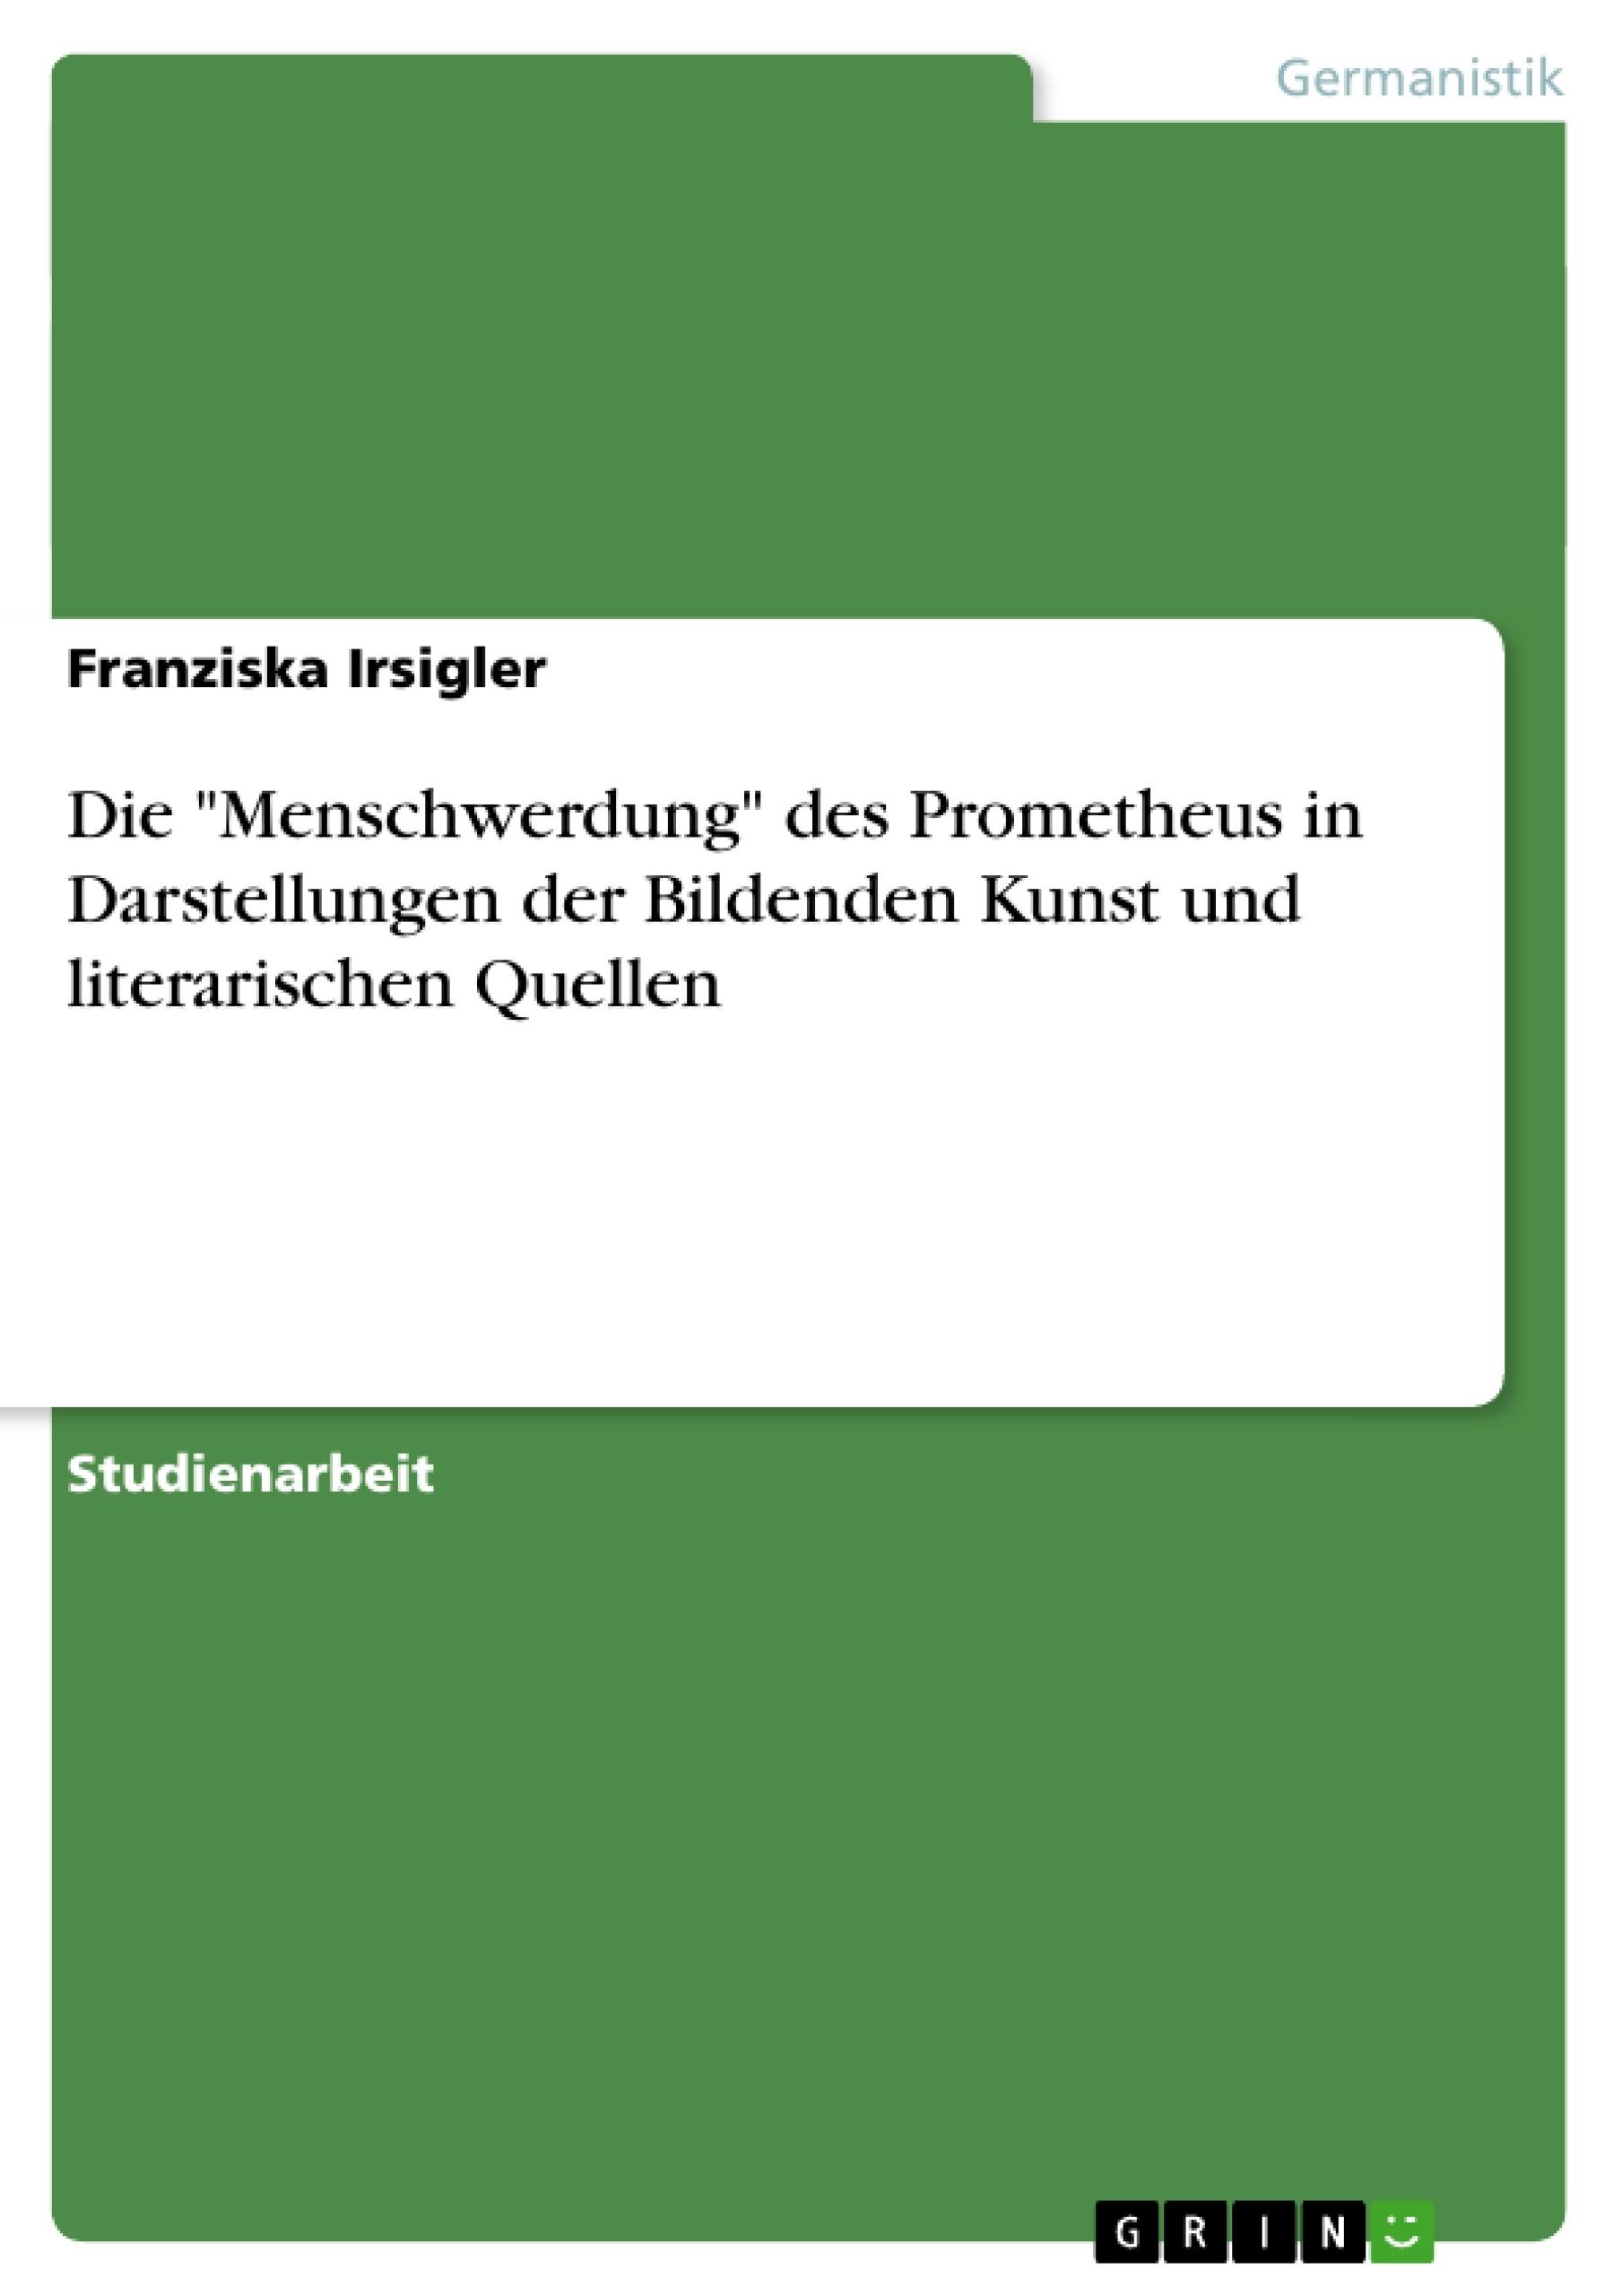 """Titel: Die """"Menschwerdung"""" des Prometheus in Darstellungen der Bildenden Kunst und literarischen Quellen"""